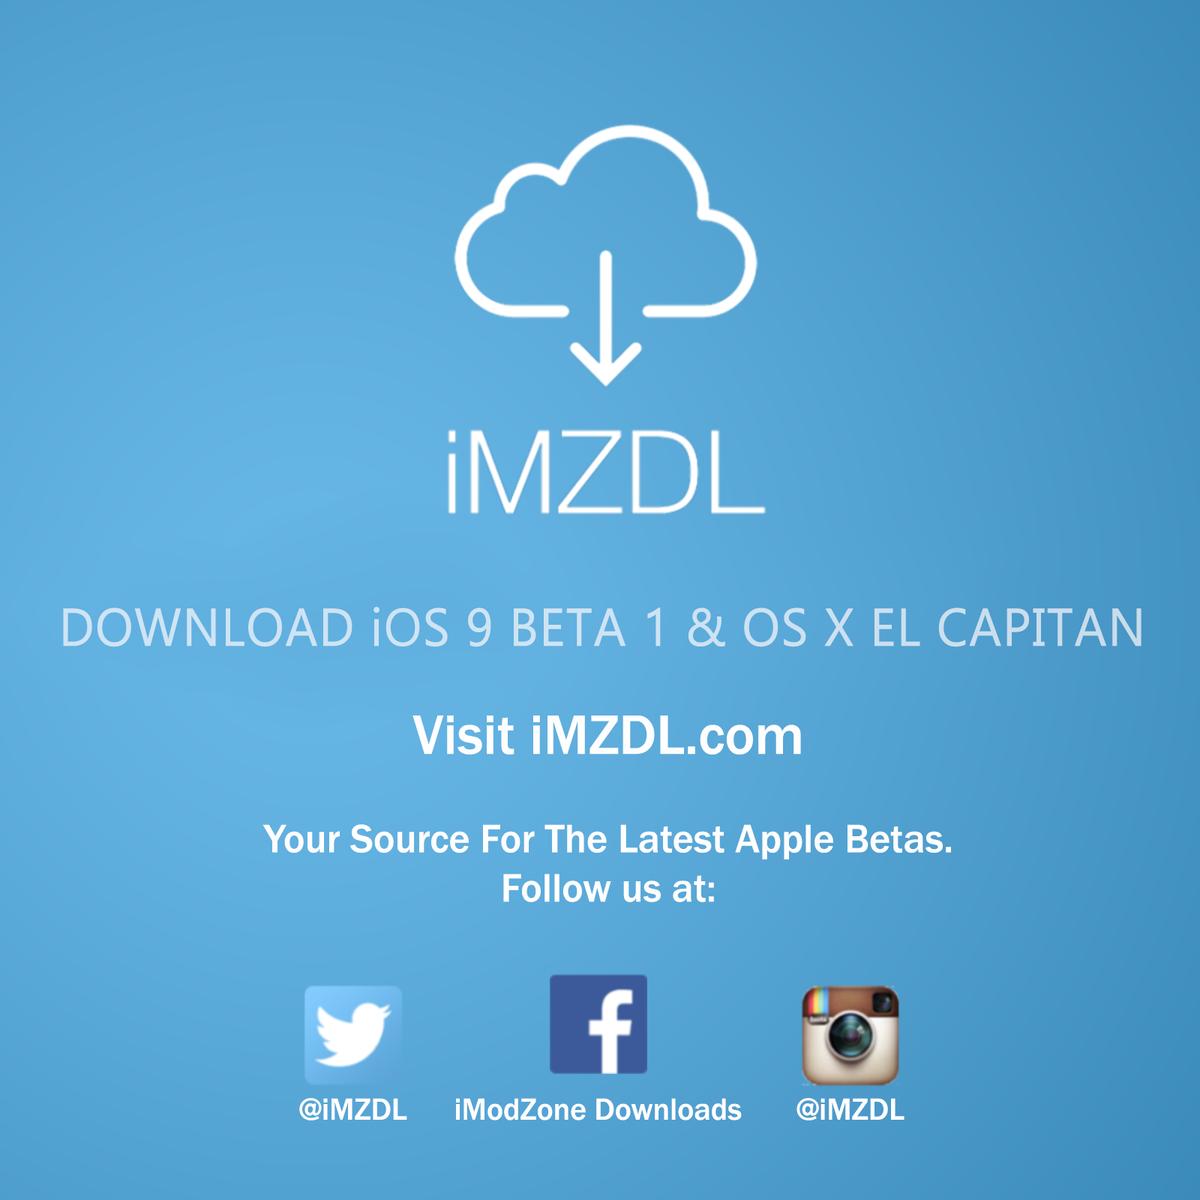 Imodzone downloads - фото 2